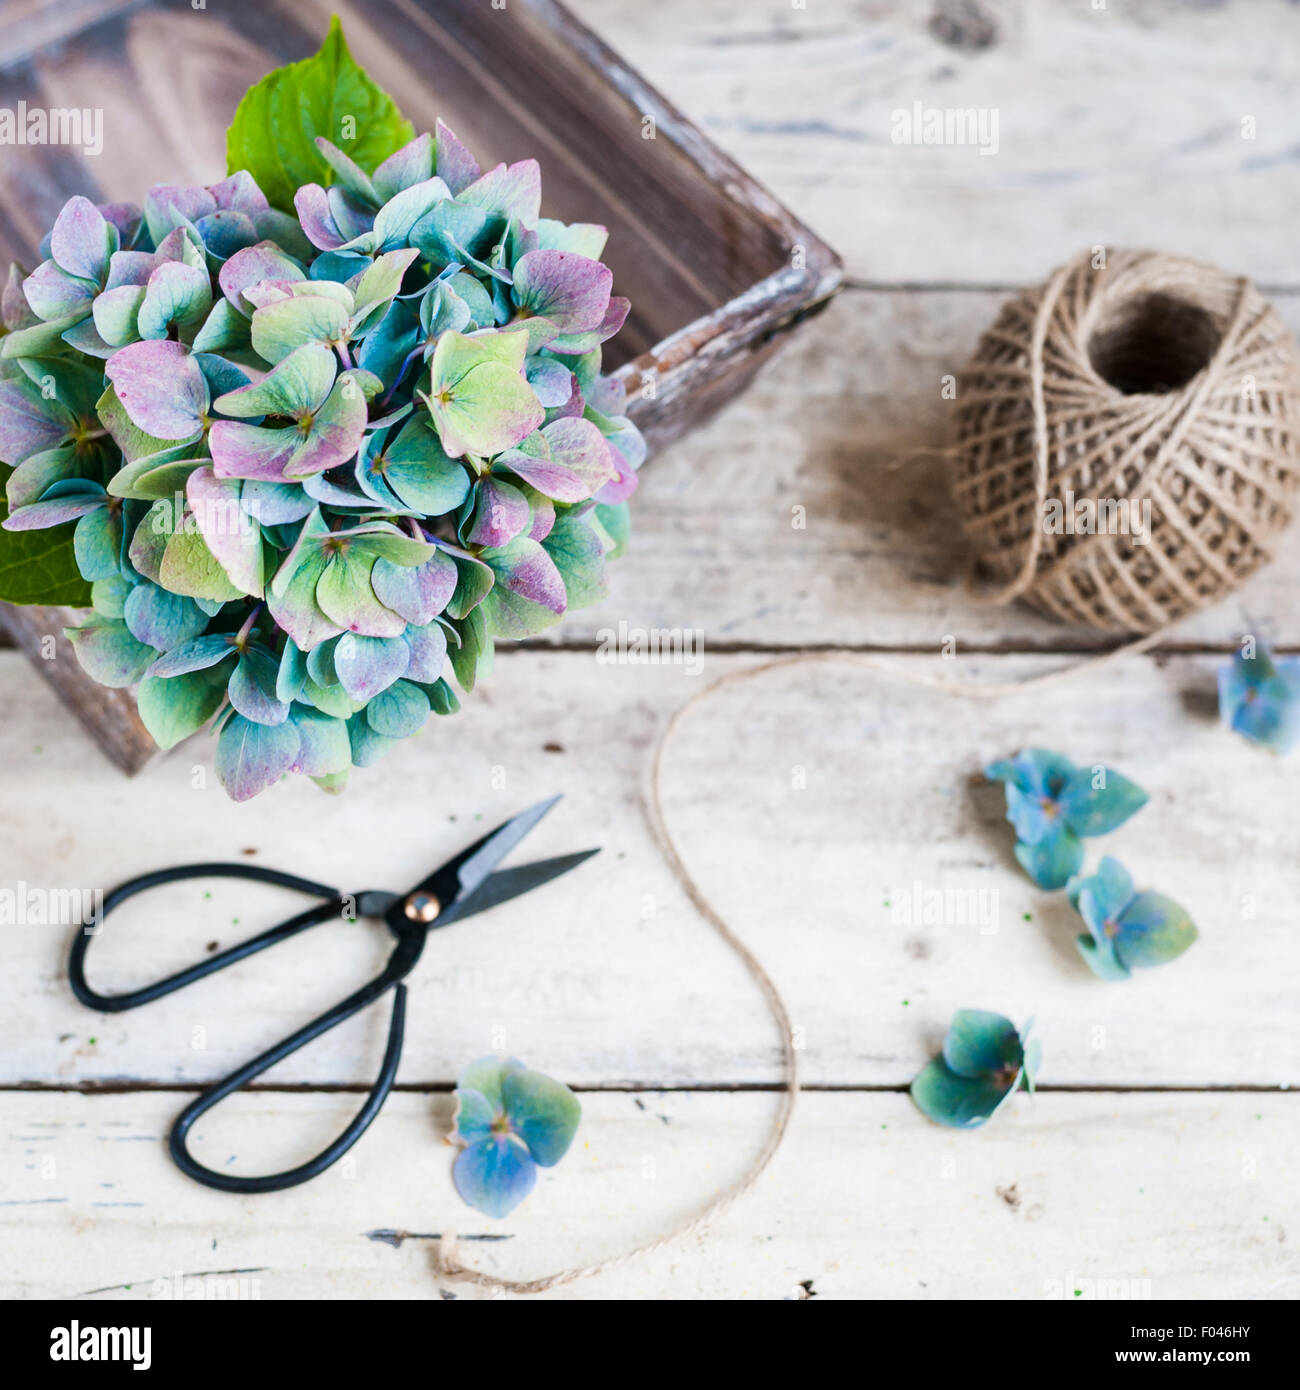 Hydrangea azul-morado en una cesta sobre la mesa de madera con hilo negro y tijeras Imagen De Stock